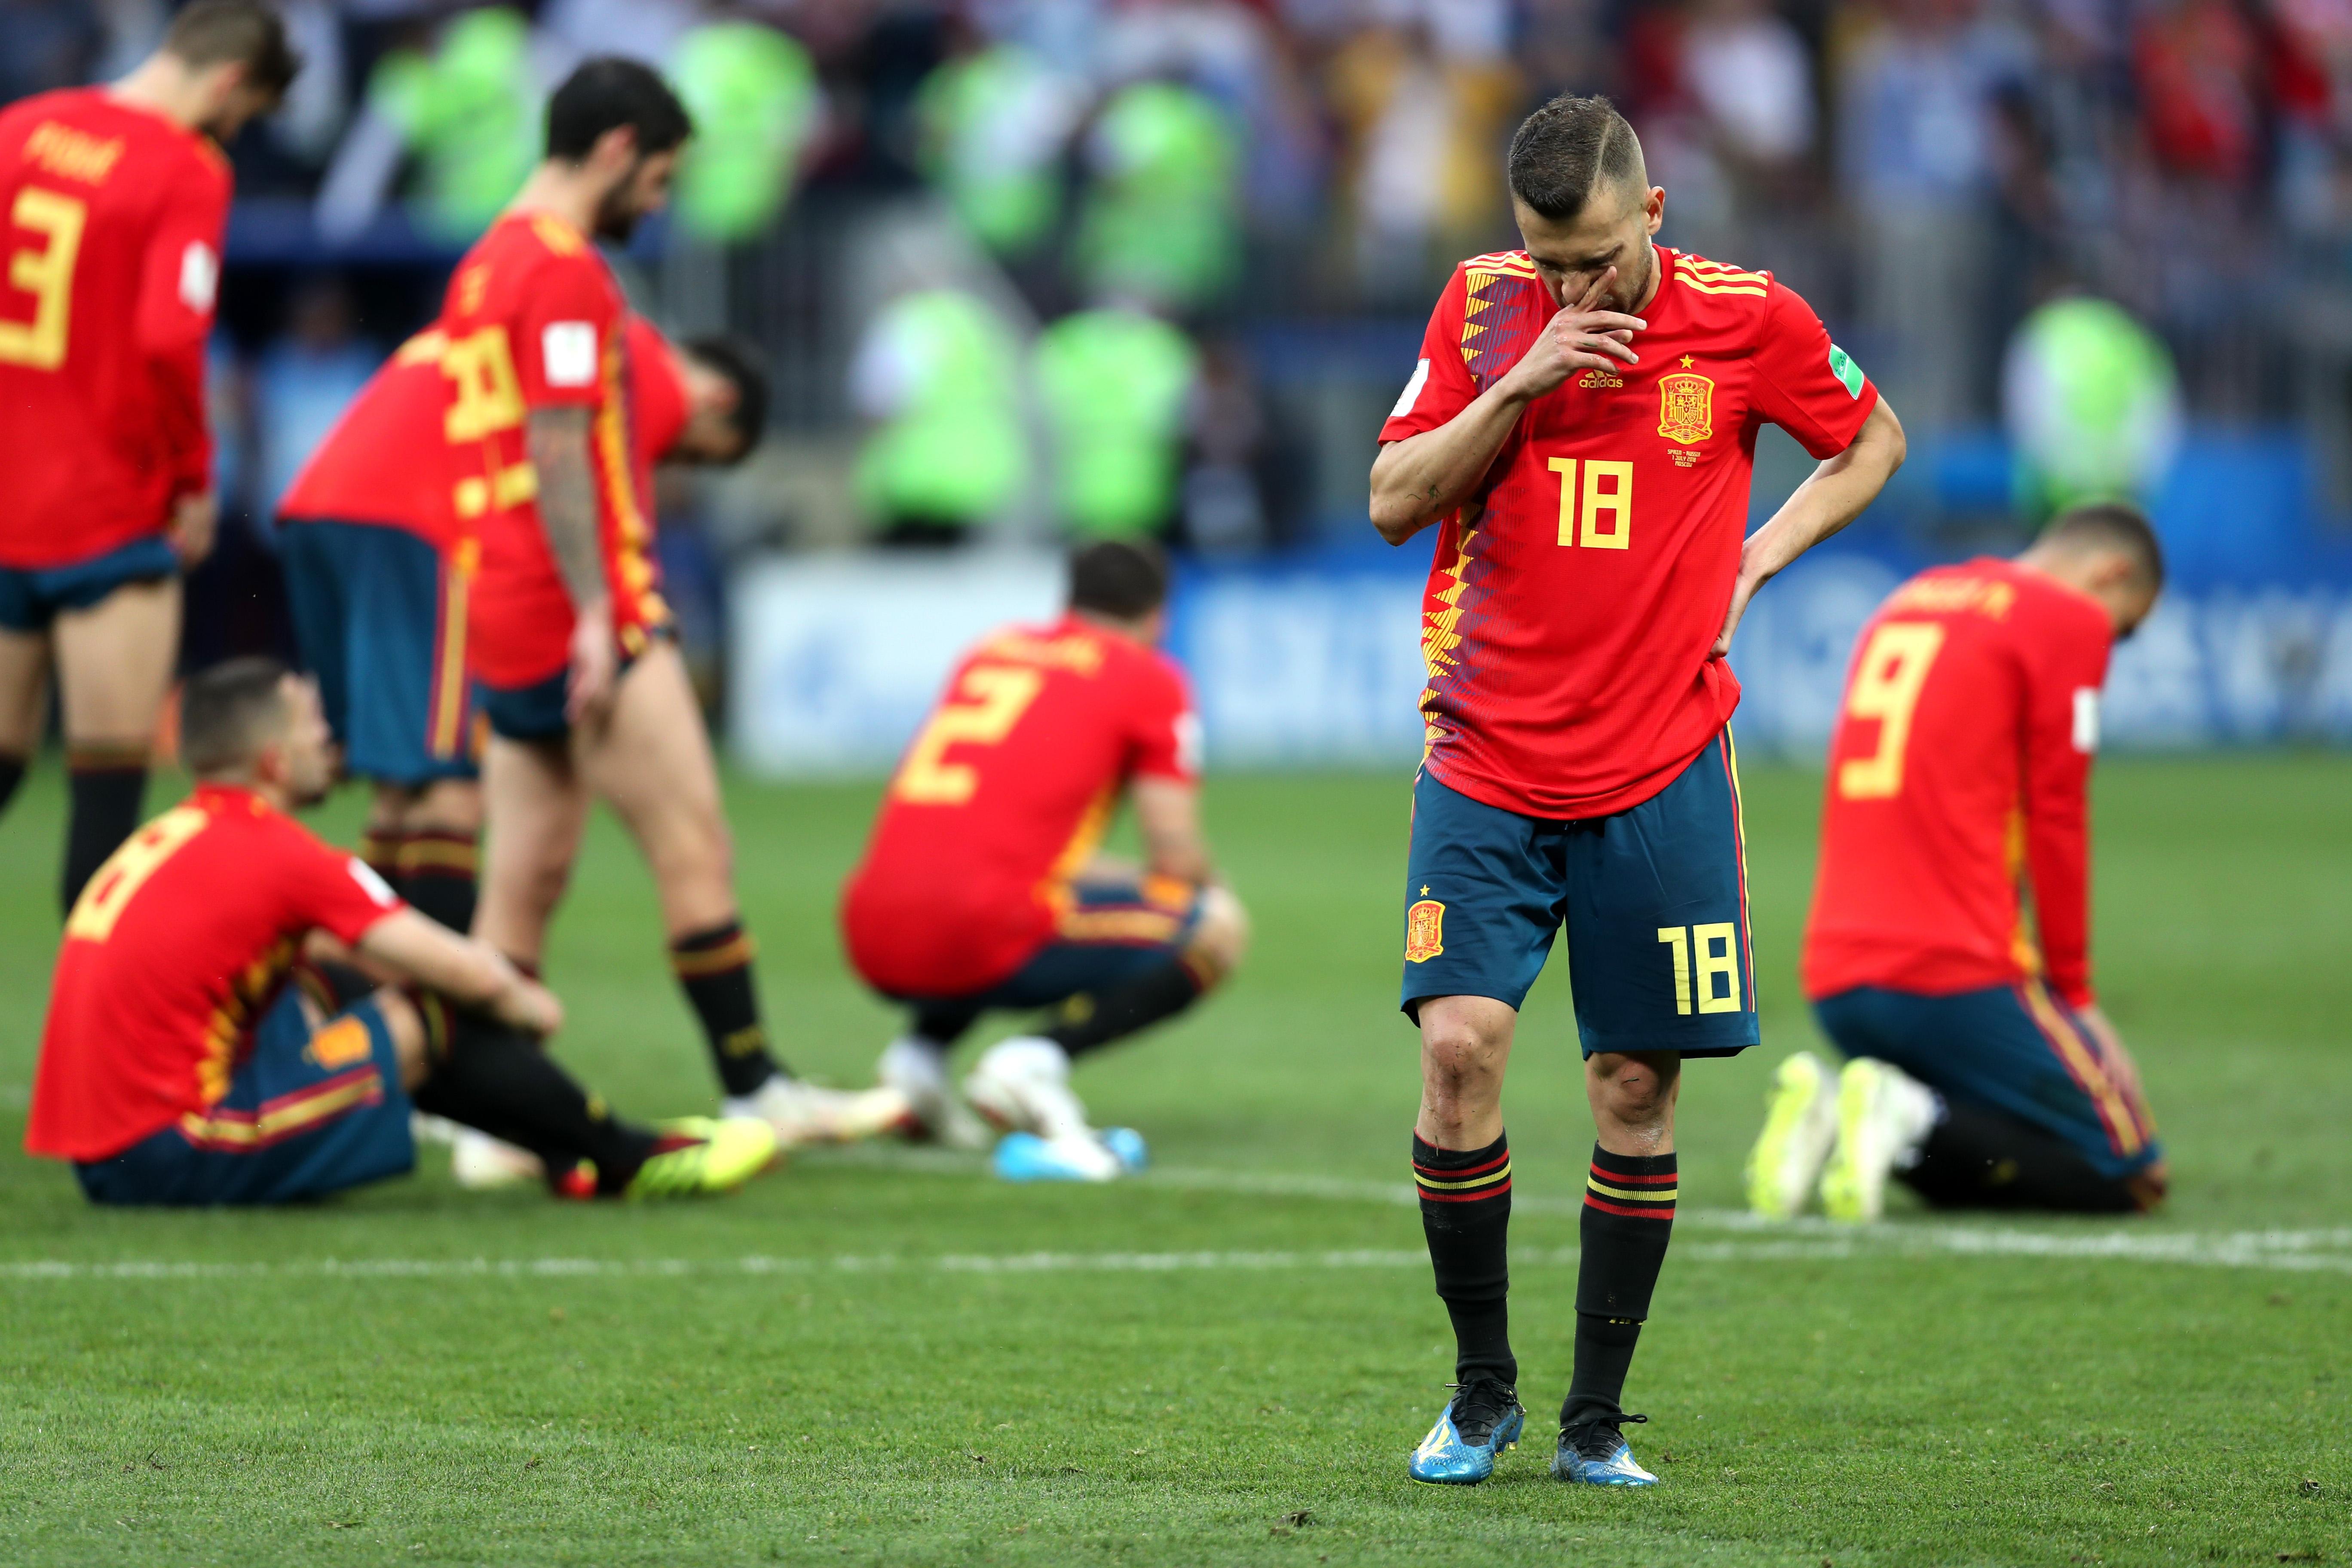 Испания напусна безславно световното първенство. Мондиал 2018 показва, че много